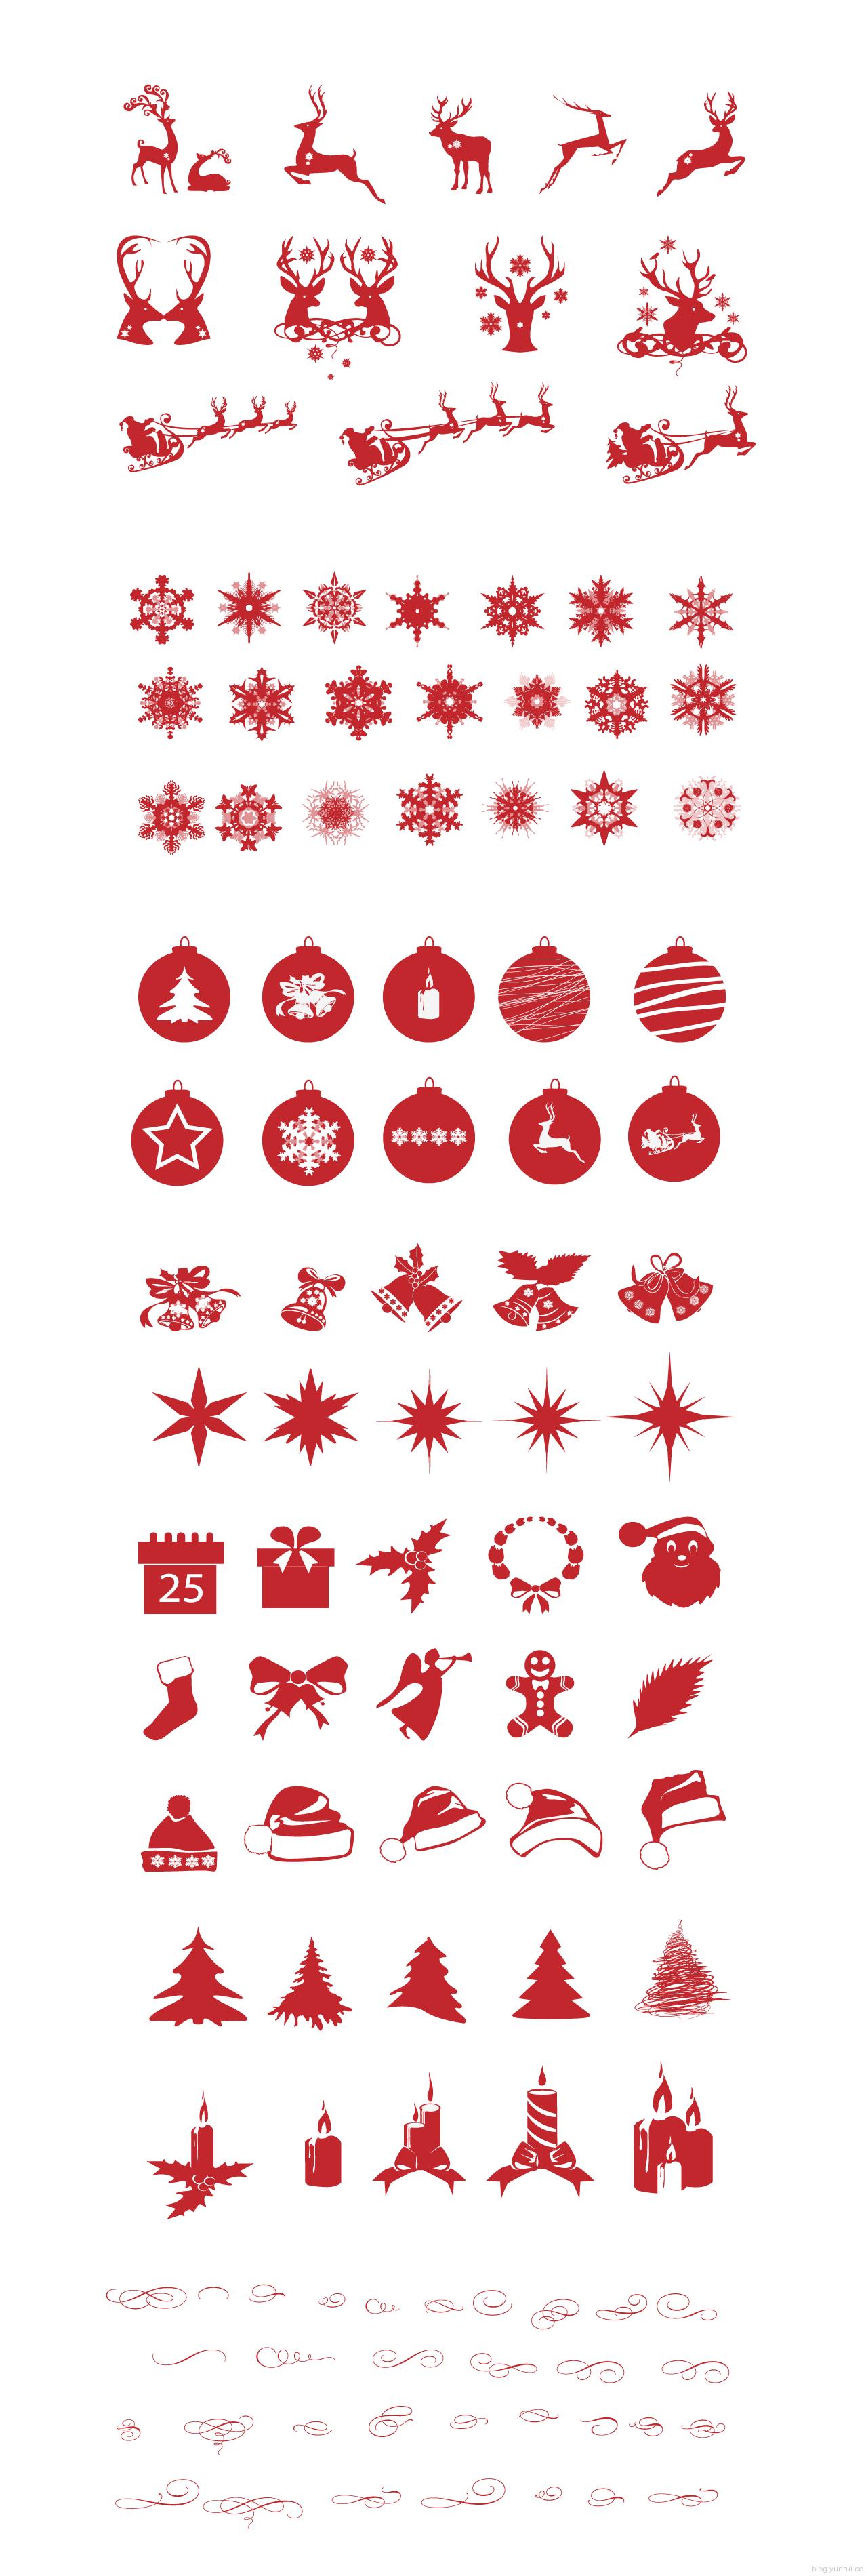 精致圣诞矢量图形免费下载设计素材模板